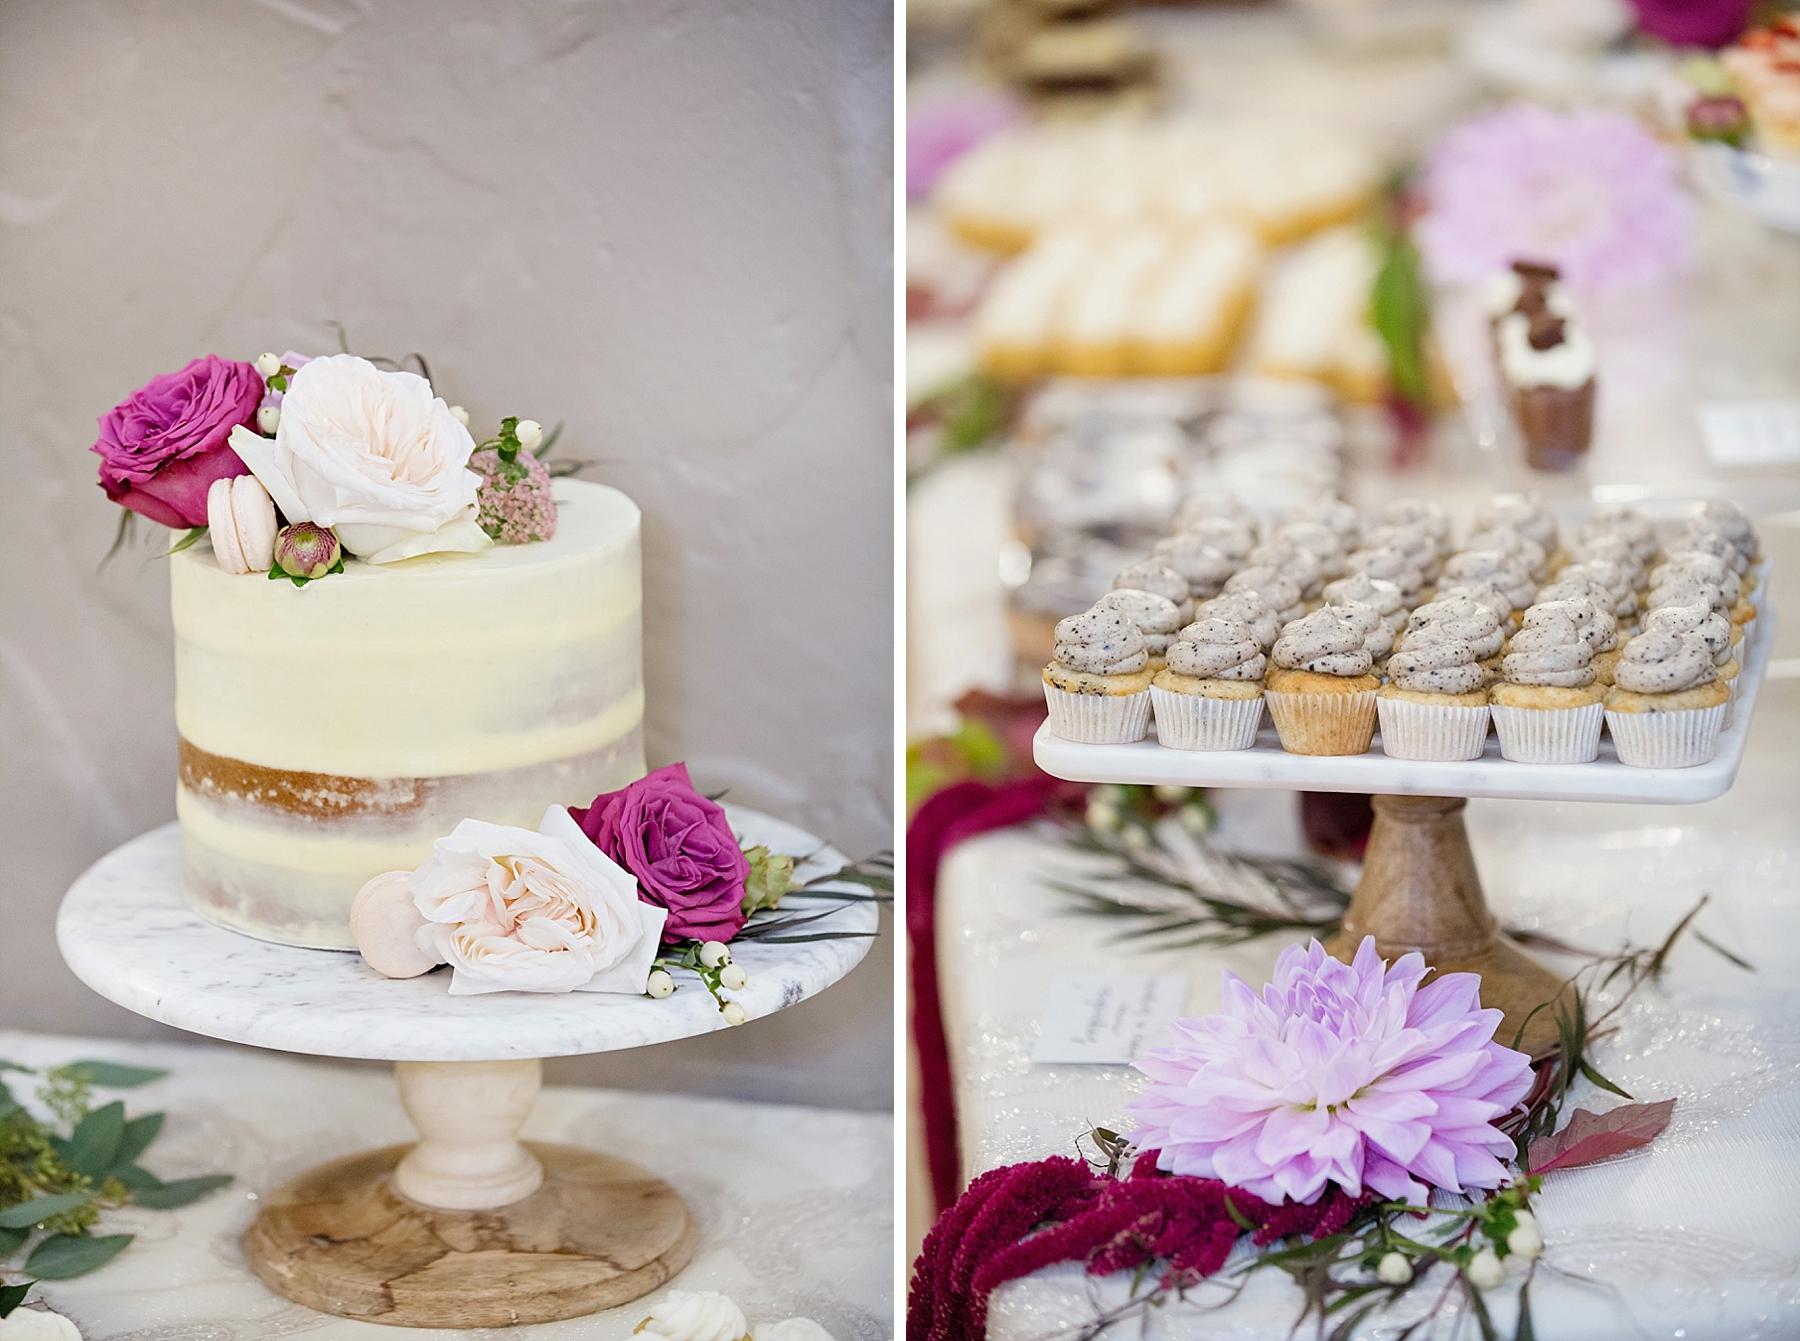 windsor-wedding-photographer-essex-golf-country-club-wedding-eryn-shea-photography_0073.jpg